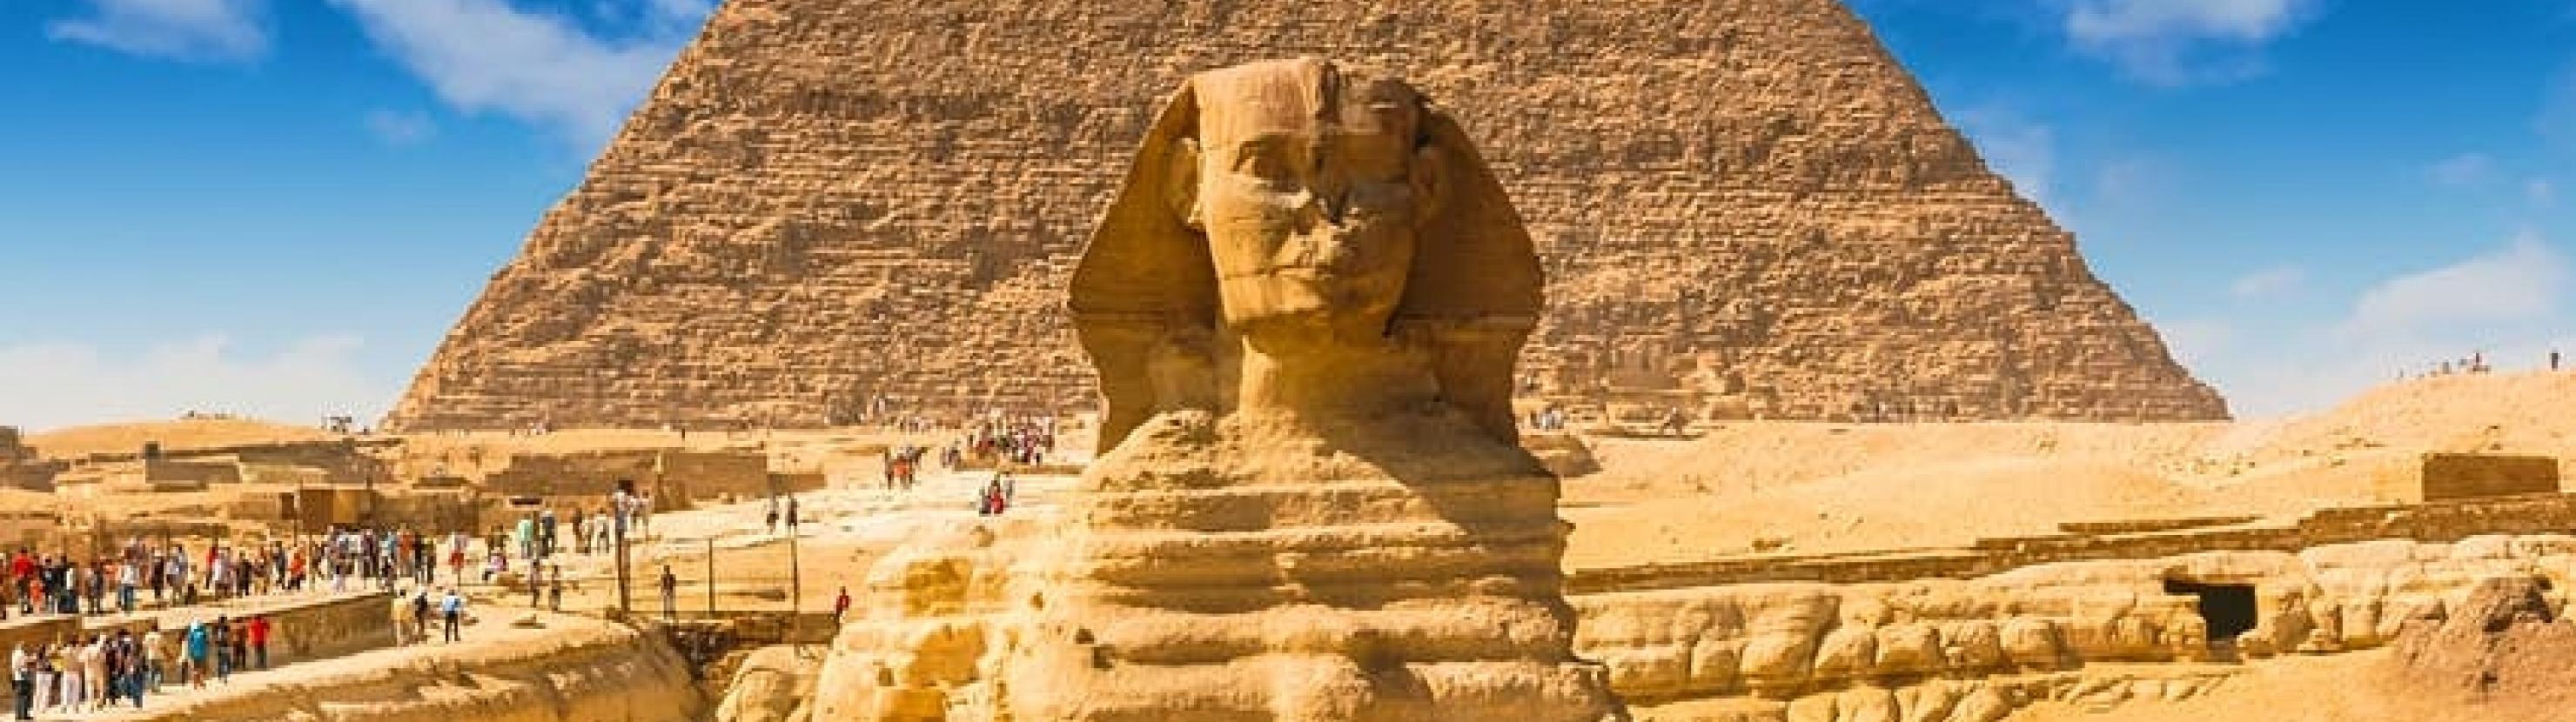 Egiptuse ringreis Niiluse kruiisiga